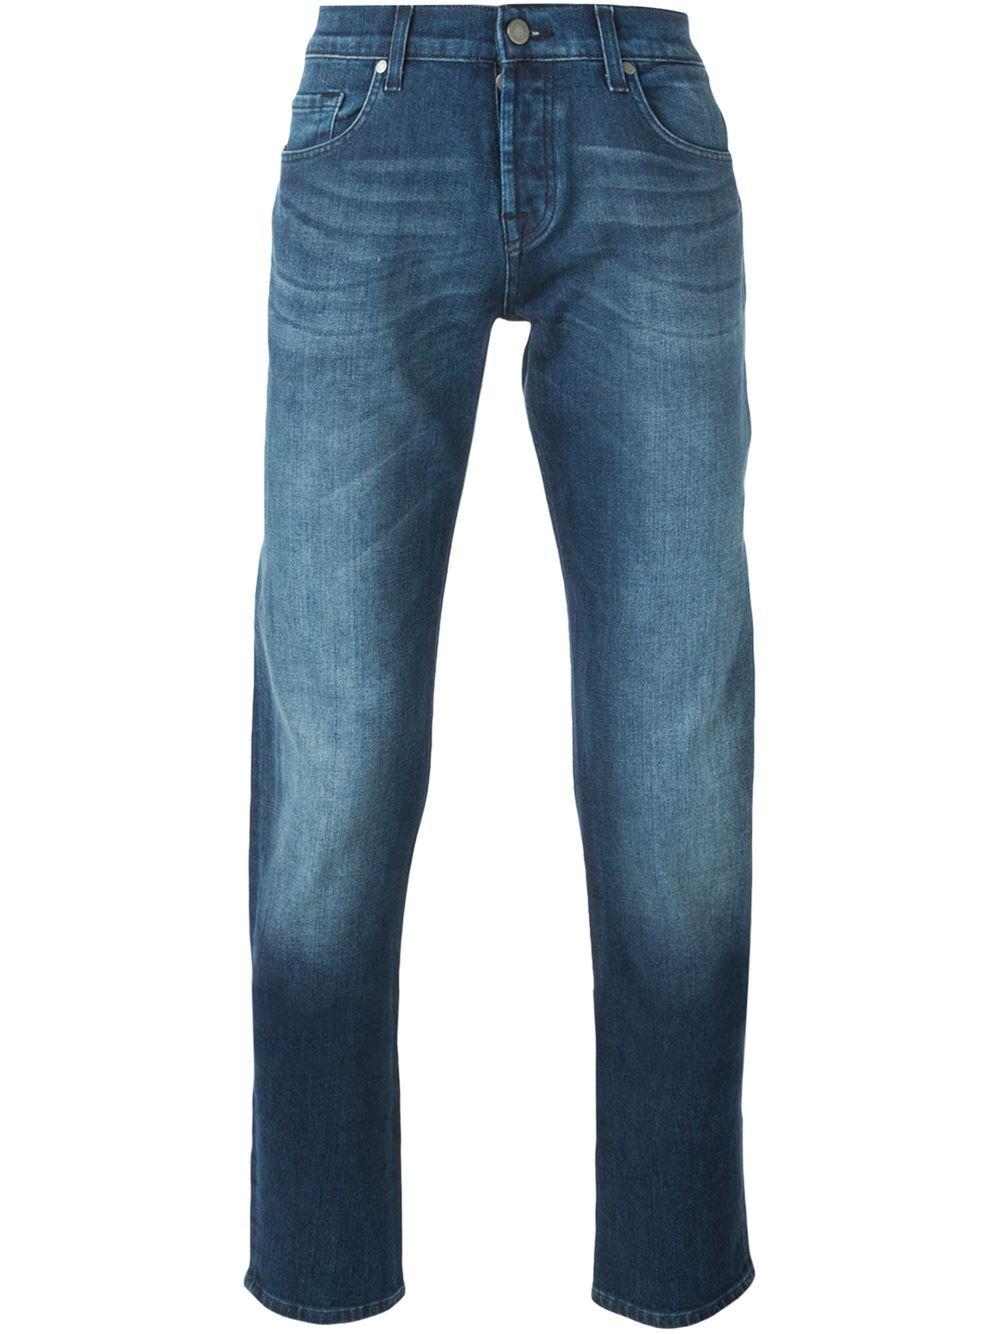 7 for all mankind slim fit jeans in blue for men lyst. Black Bedroom Furniture Sets. Home Design Ideas